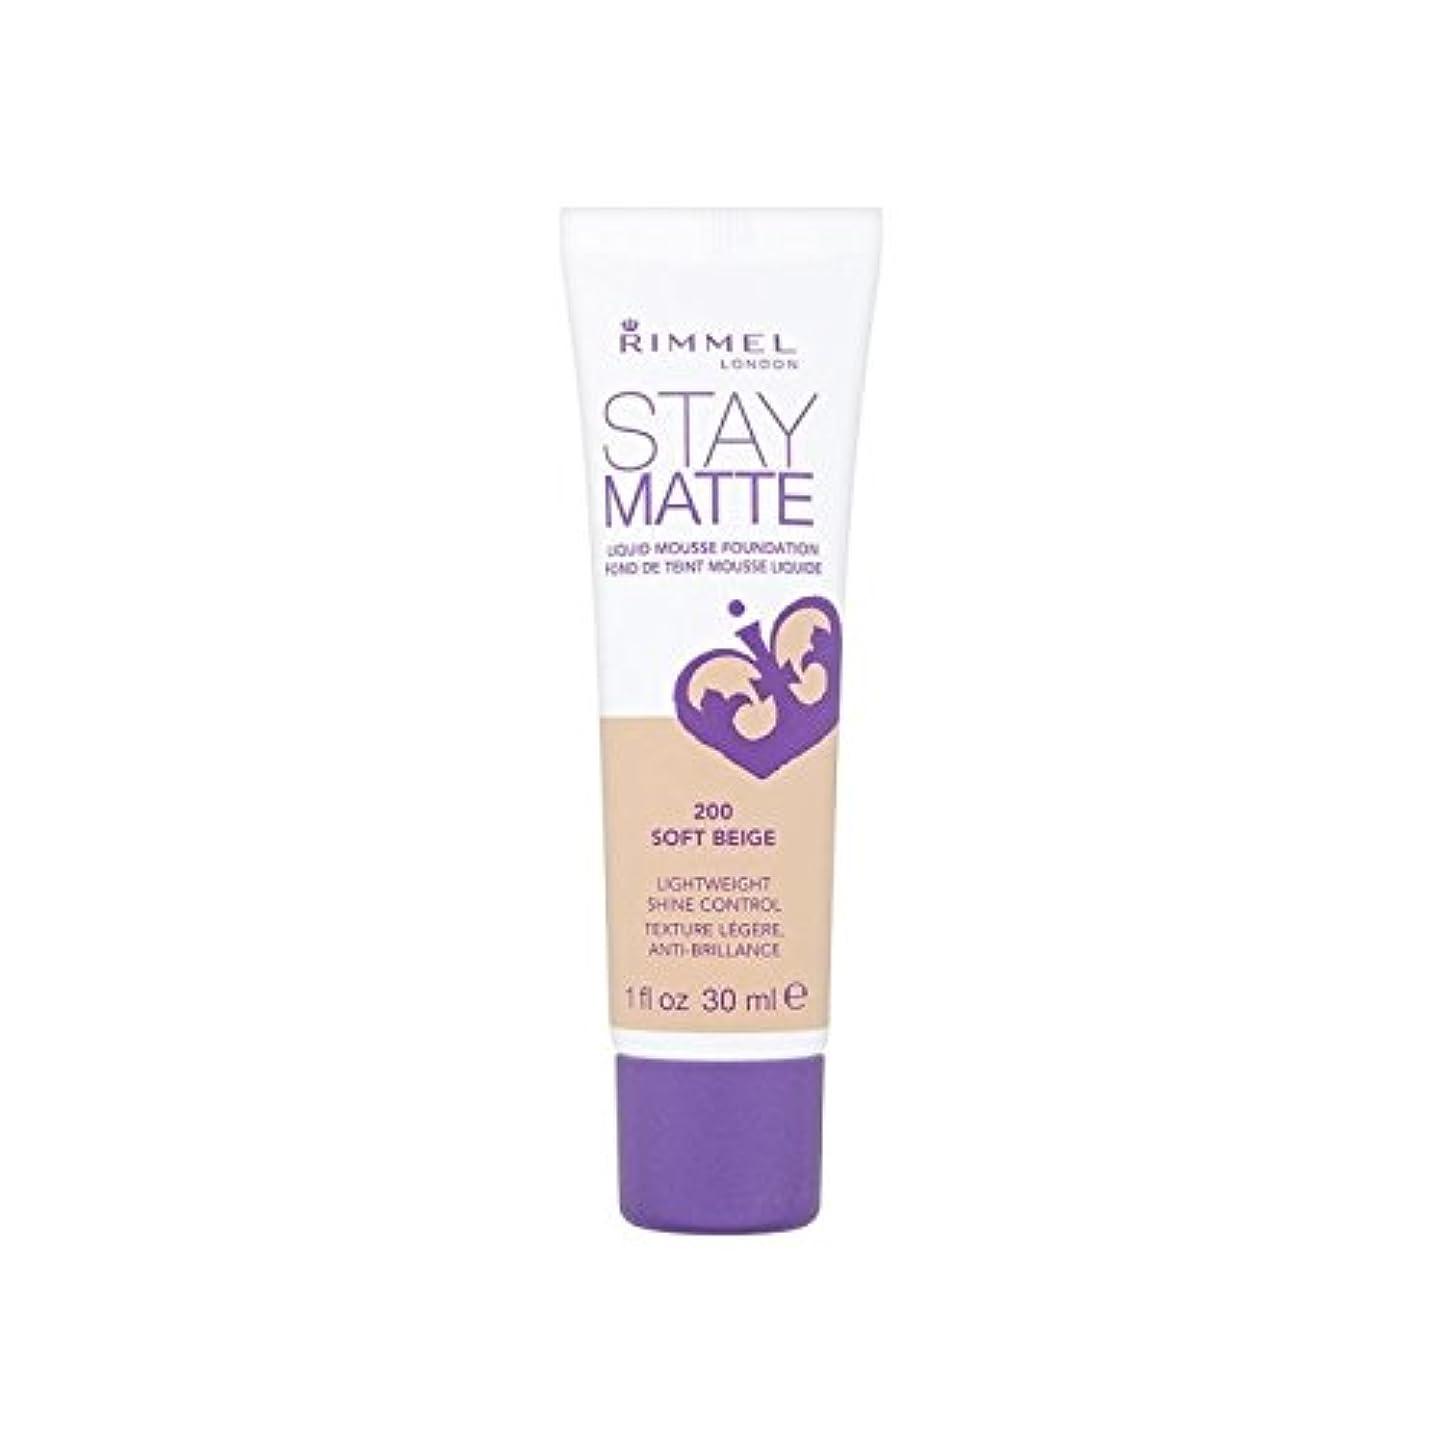 ソートフルーツ野菜カードリンメルステイマット基盤ソフトベージュ x4 - Rimmel Stay Matte Foundation Soft Beige (Pack of 4) [並行輸入品]